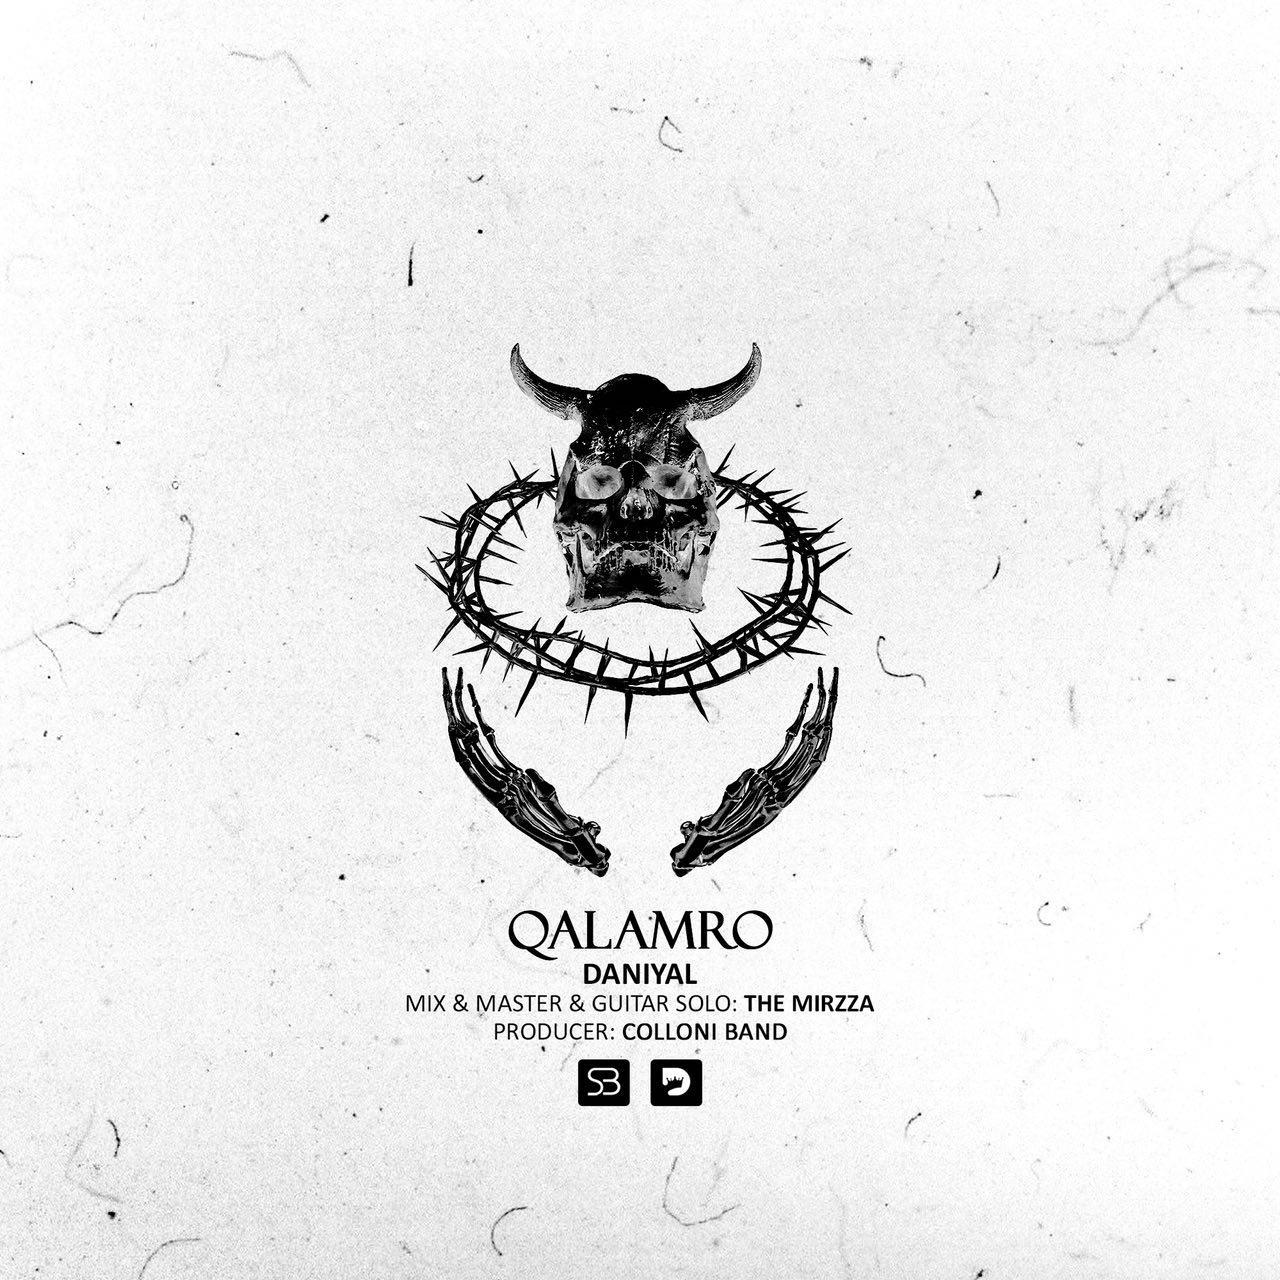 QalamRo